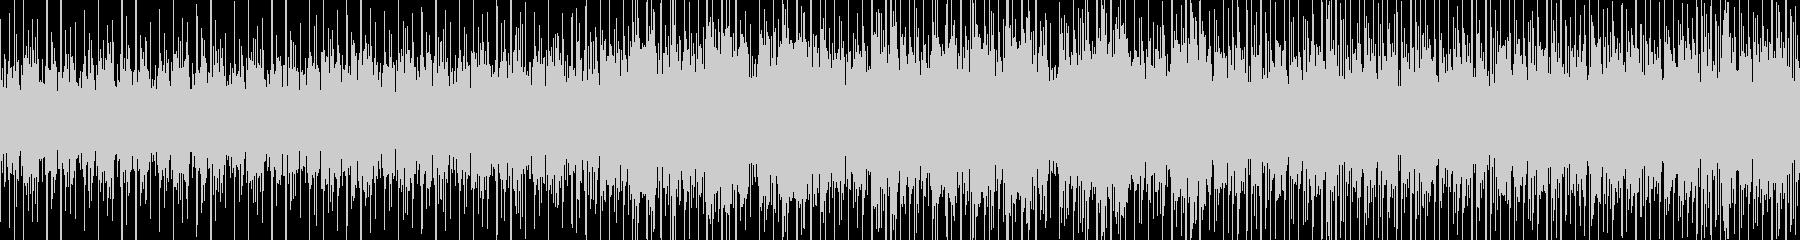 ゲーム等に使えるエレクトリックなループ曲の未再生の波形